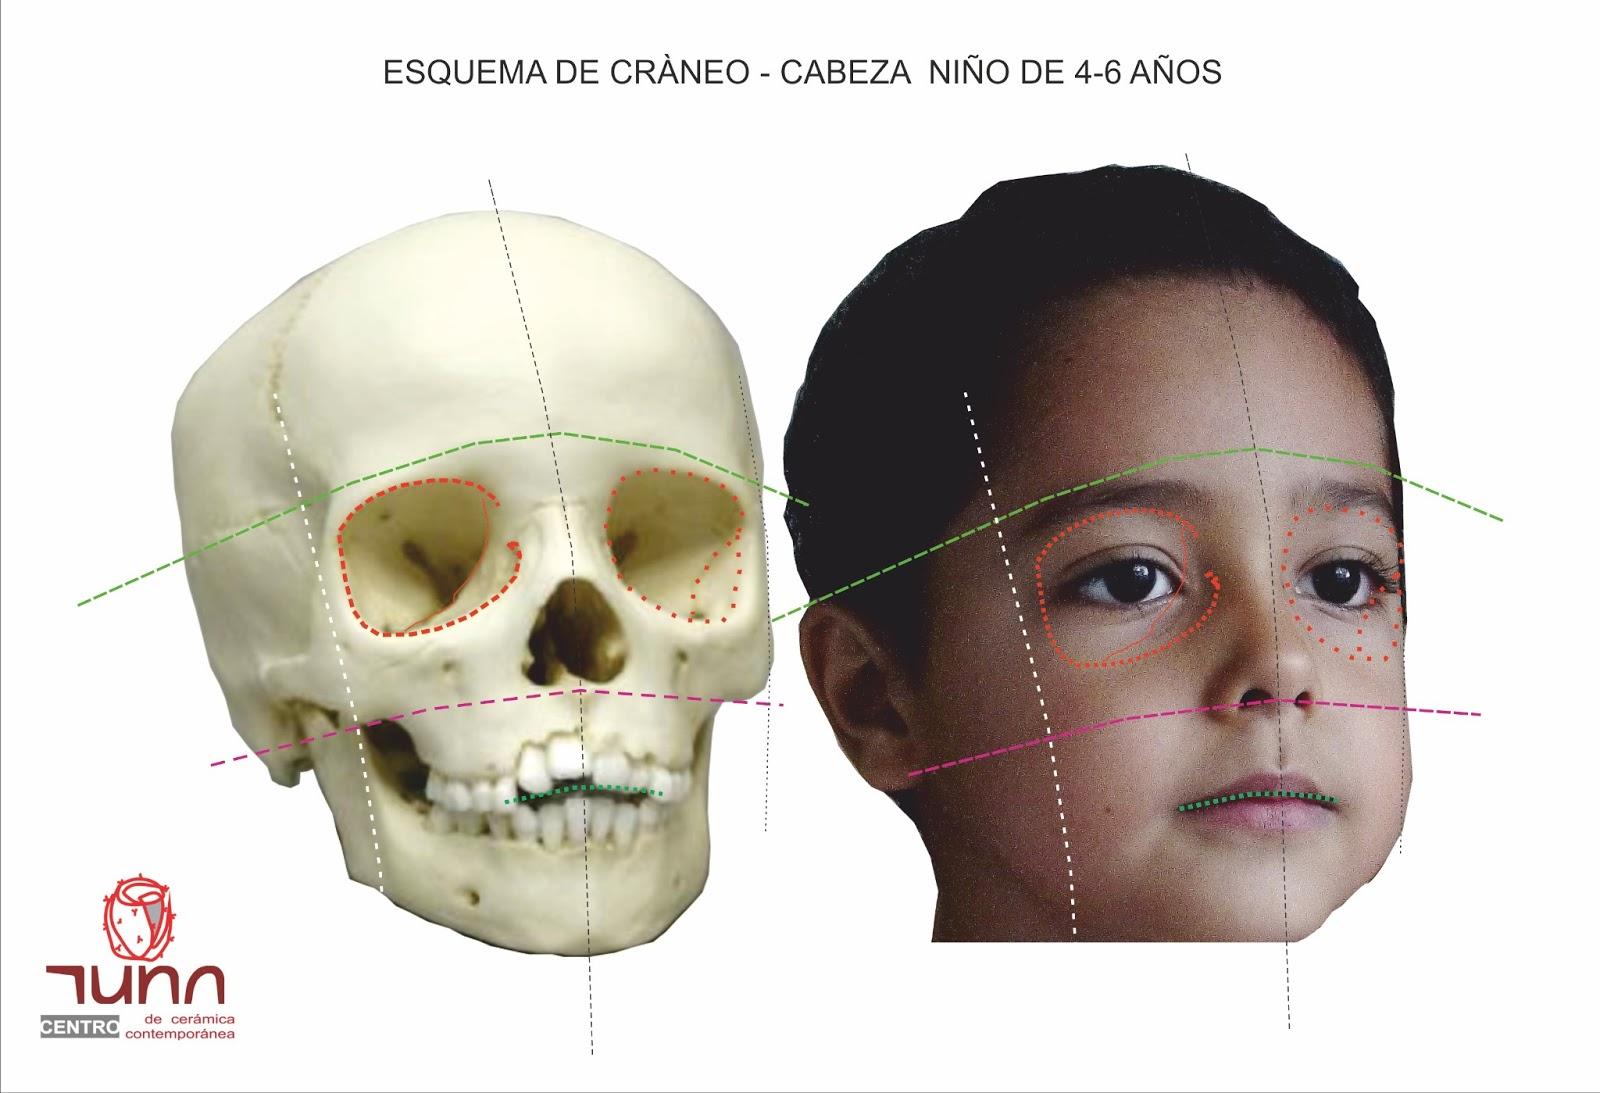 Ficha t cnica III a Esquema de proporciones de cabeza de